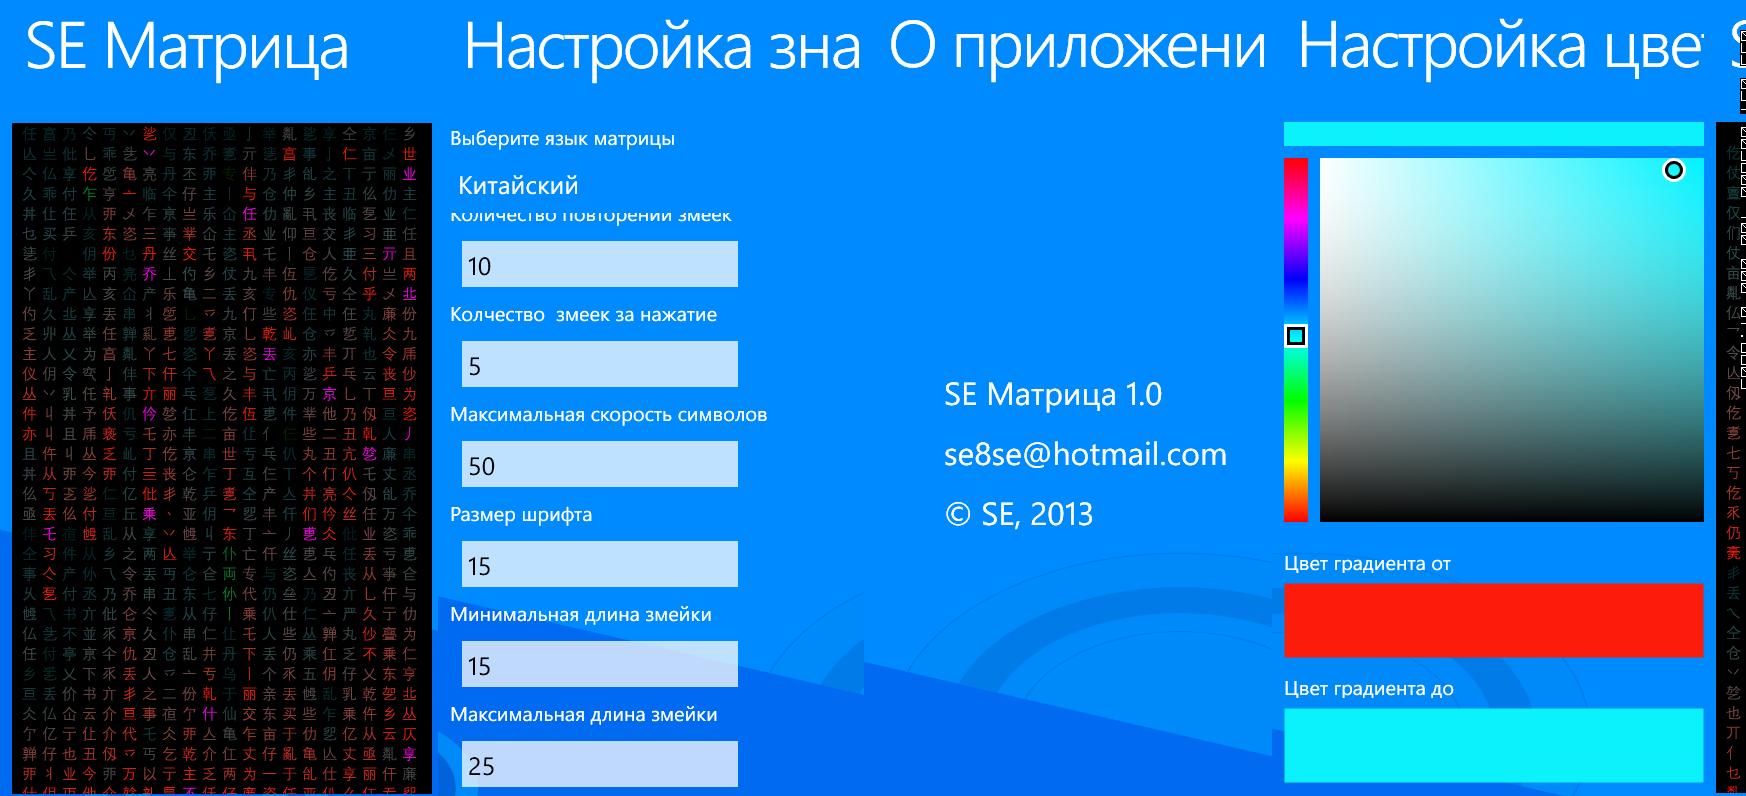 Windows Phone 8: Создаем приложение. Матрица. Часть 3. MVVM